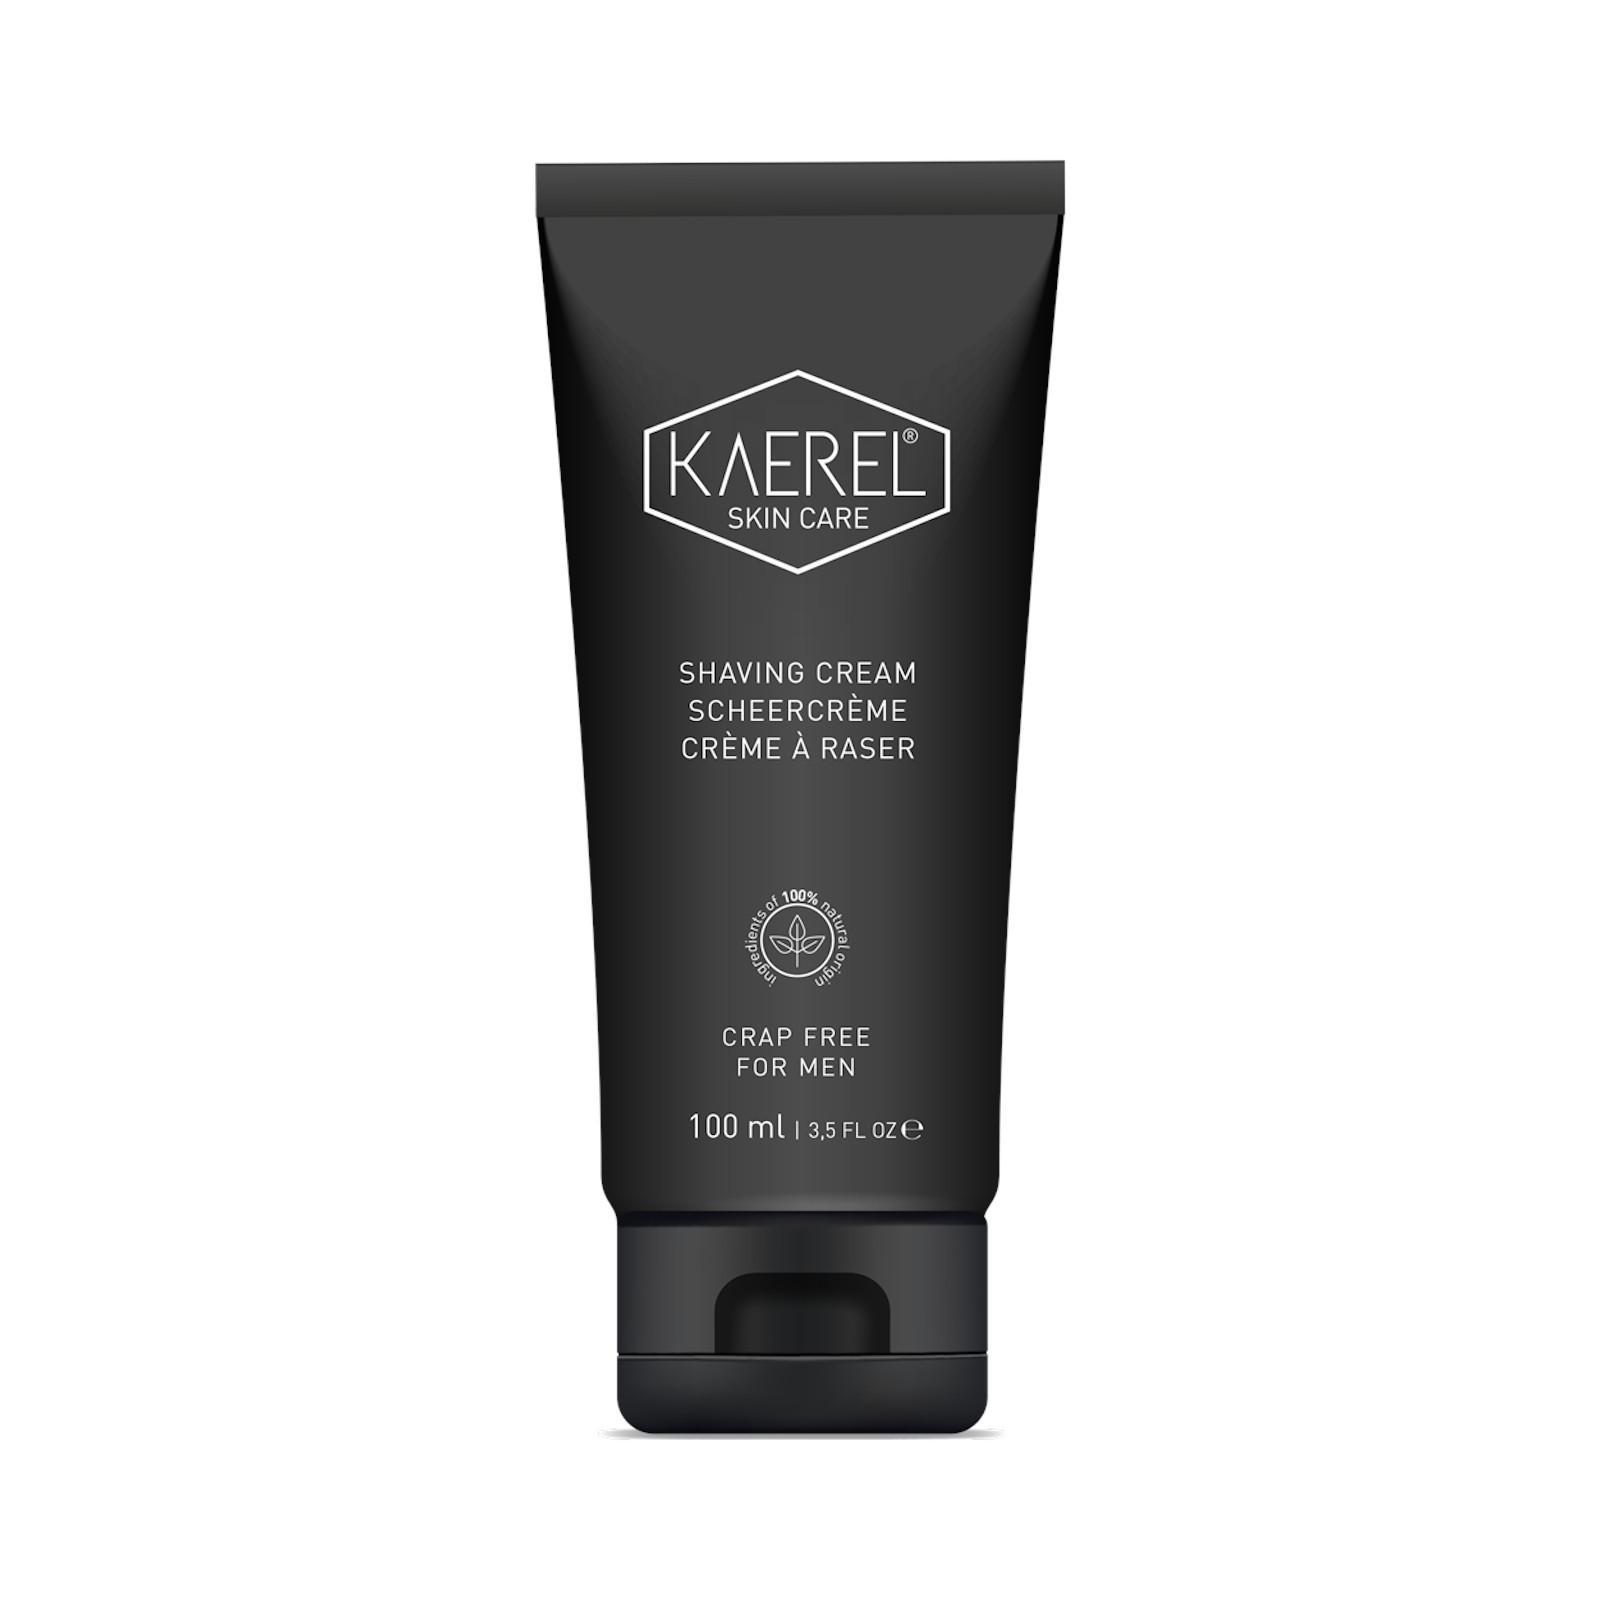 KAEREL SKIN CARE Krém na holení pro muže 100 ml